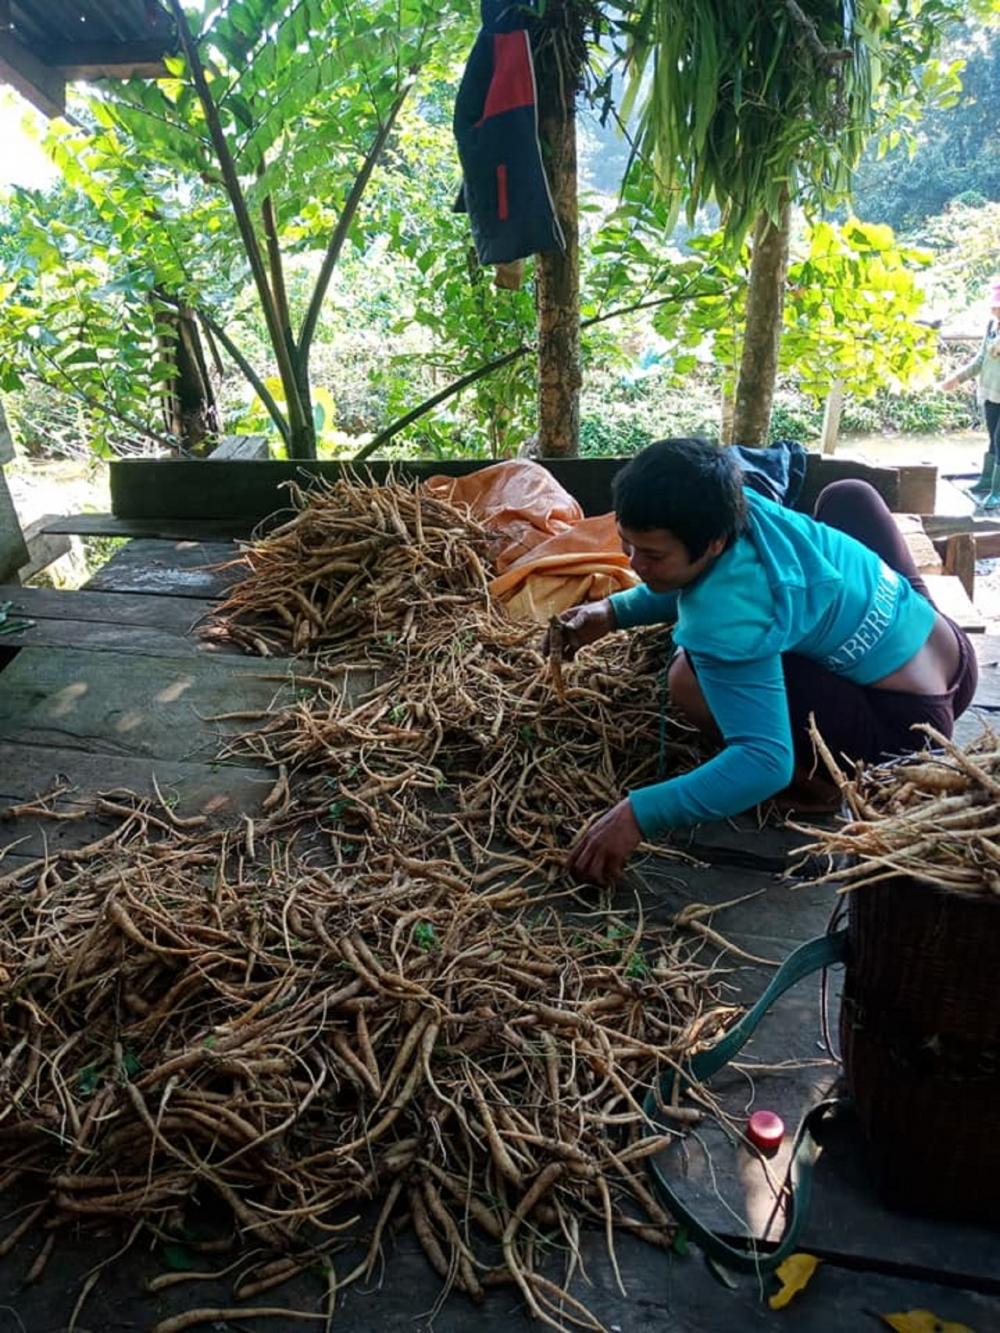 Quảng Nam: Ngôi chợ lạ ở huyện biên giới Tây Giang gi gỉ gì gi cái gì cũng bán giá 5 ngàn - Ảnh 3.